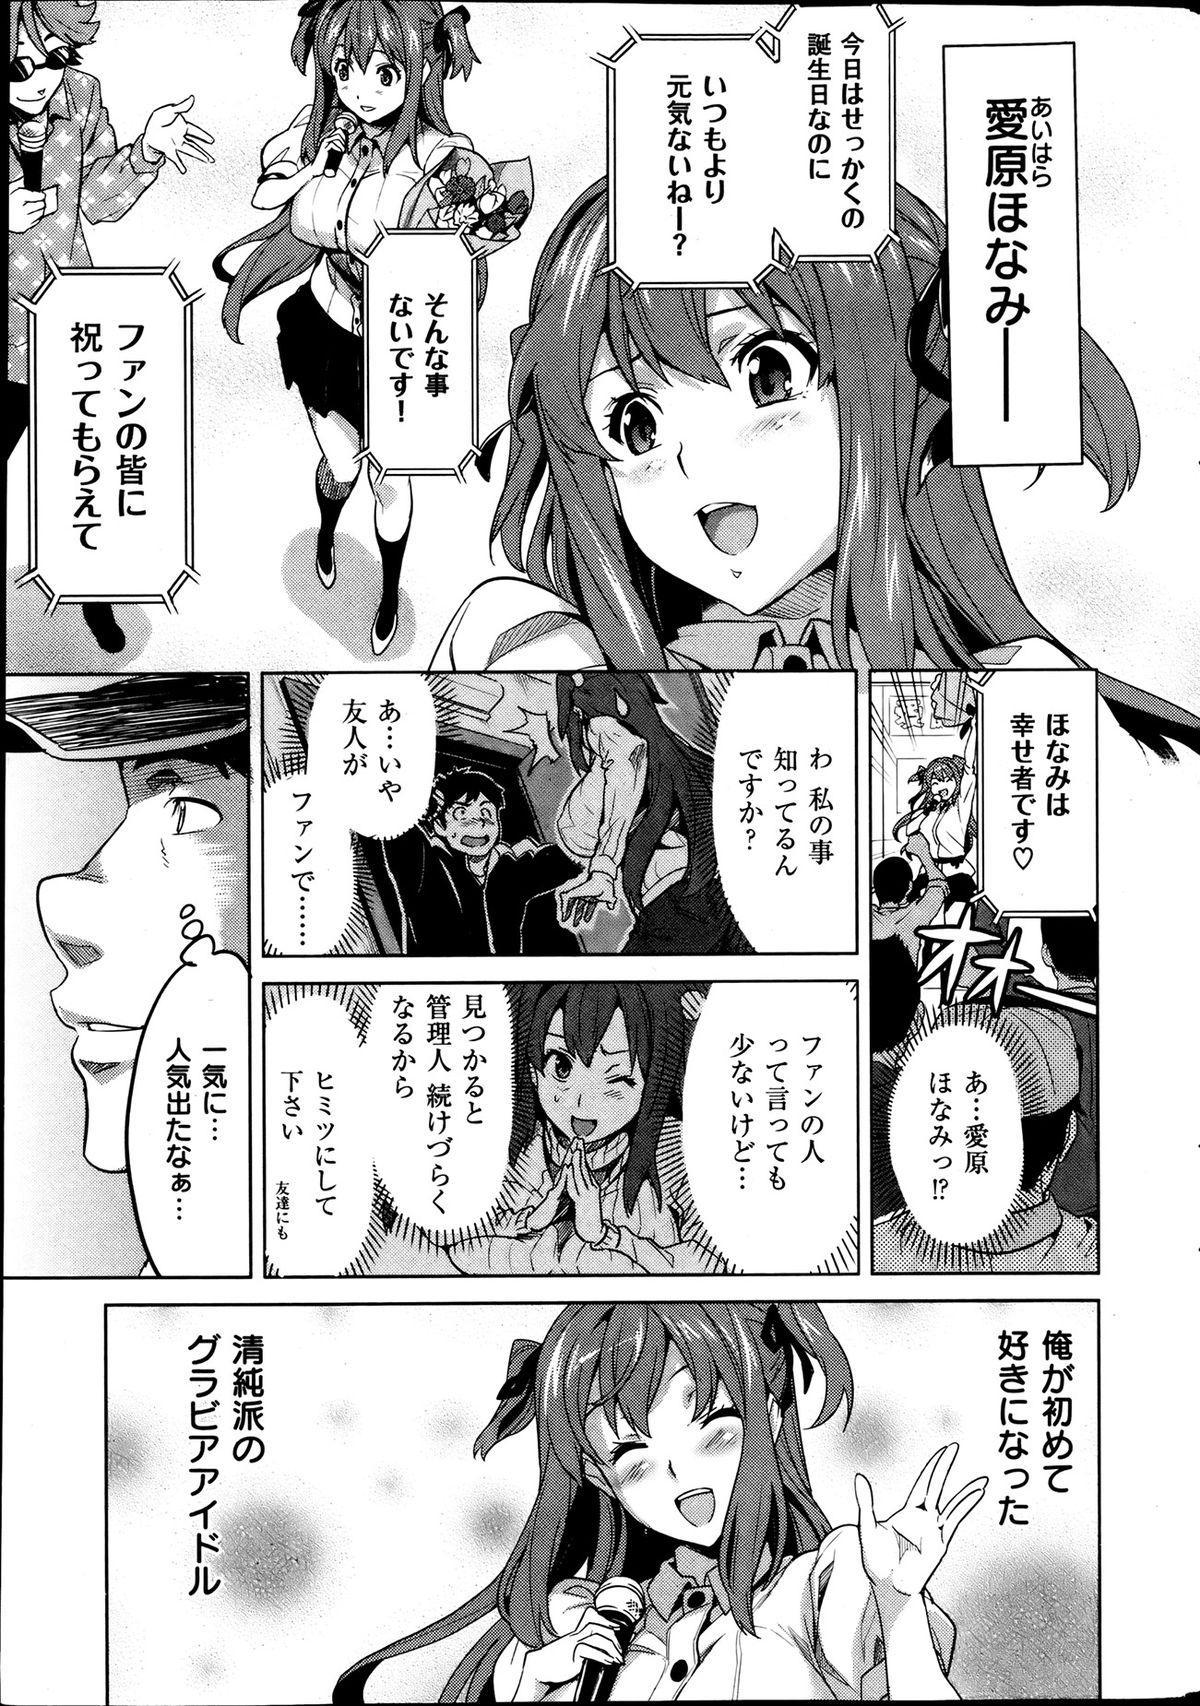 COMIC HANA-MAN 2013-08 Takeda Hiromitsu Tokushuu 10